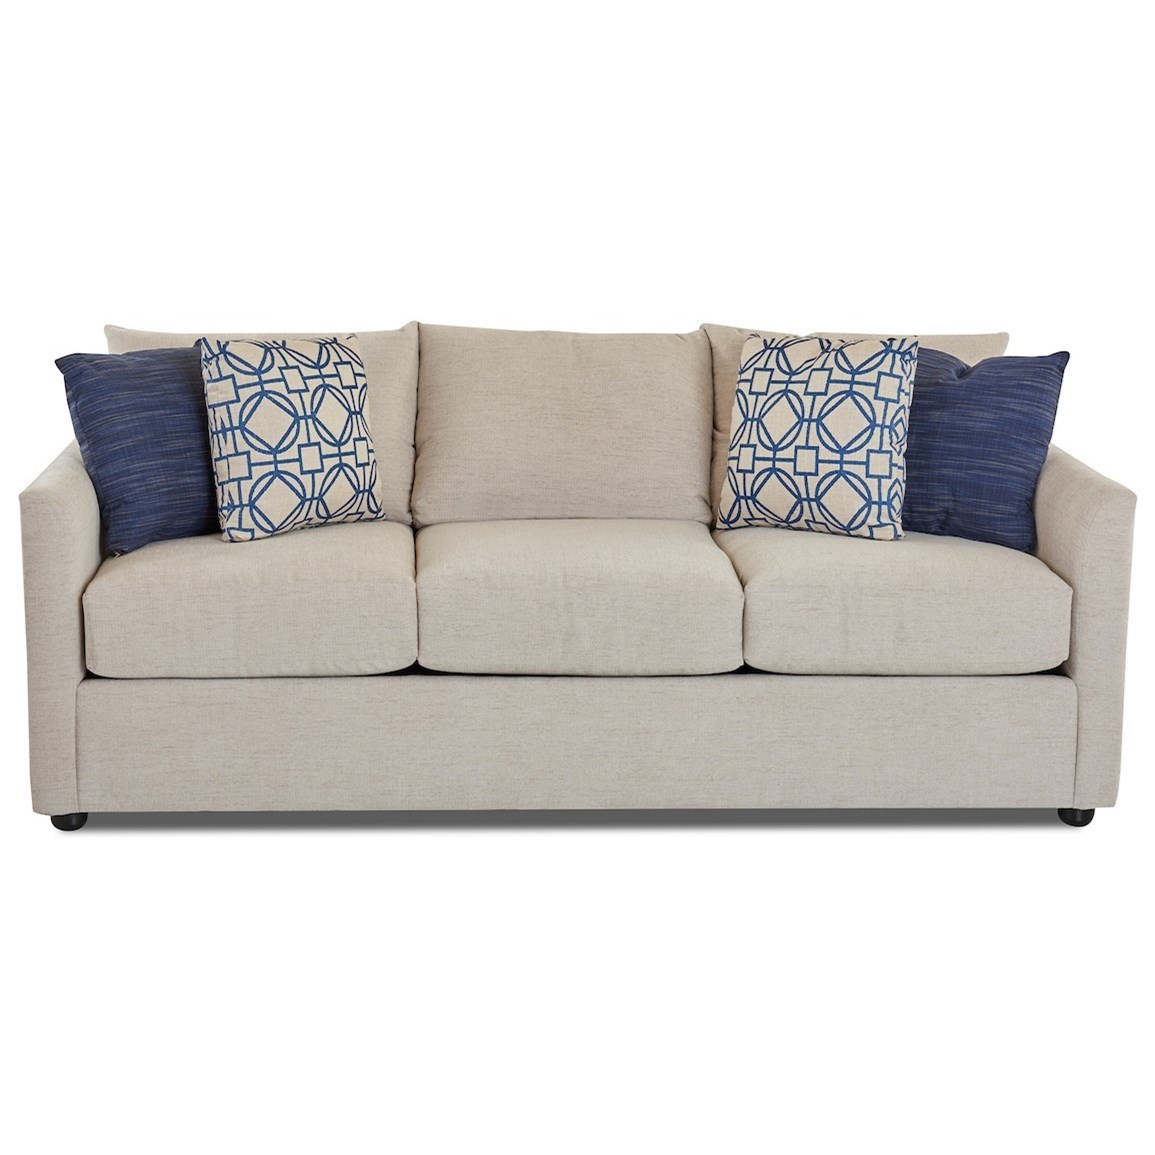 Atlanta Sleeper Sofa w/ AirCoil Mattress by Klaussner at Johnny Janosik